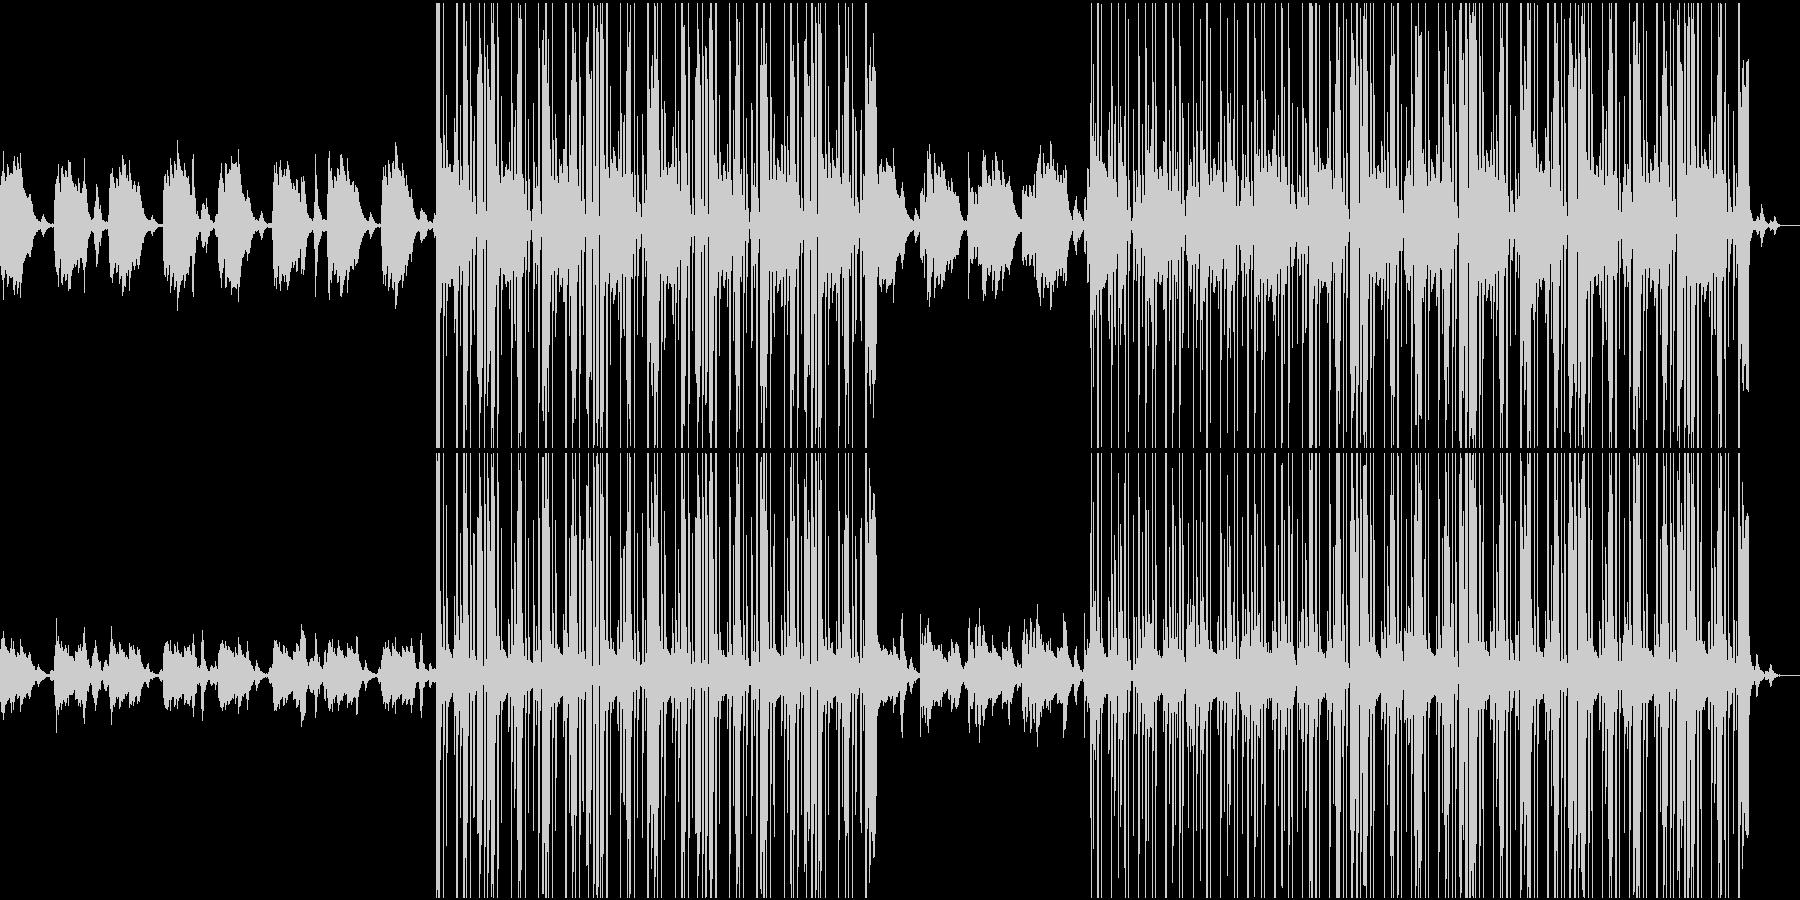 寂しげなエレクトロニカHiphop風の未再生の波形